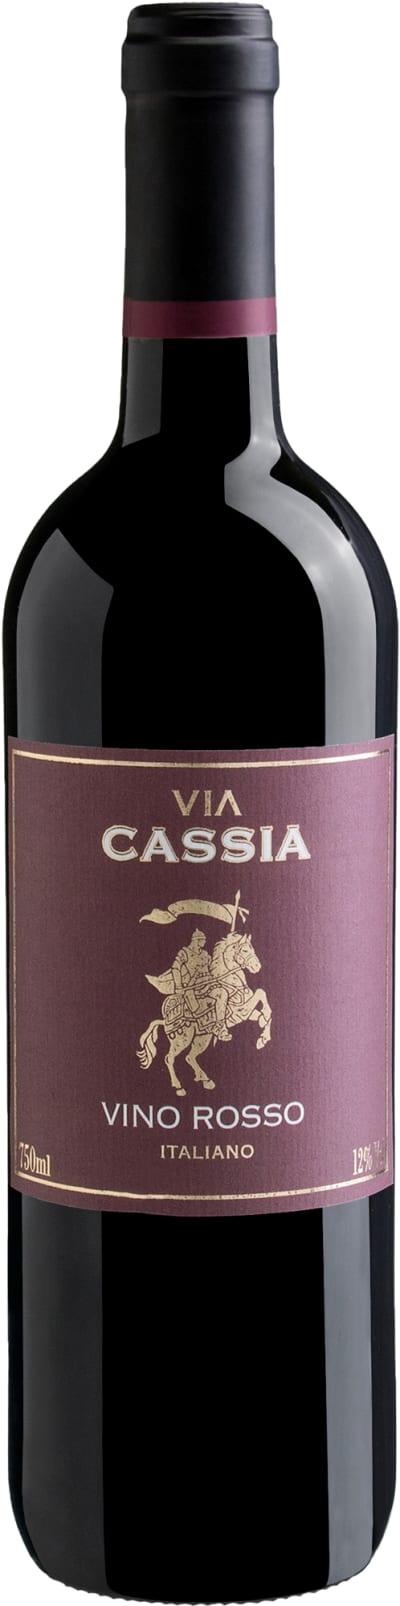 Via Cassia Vino Rosso